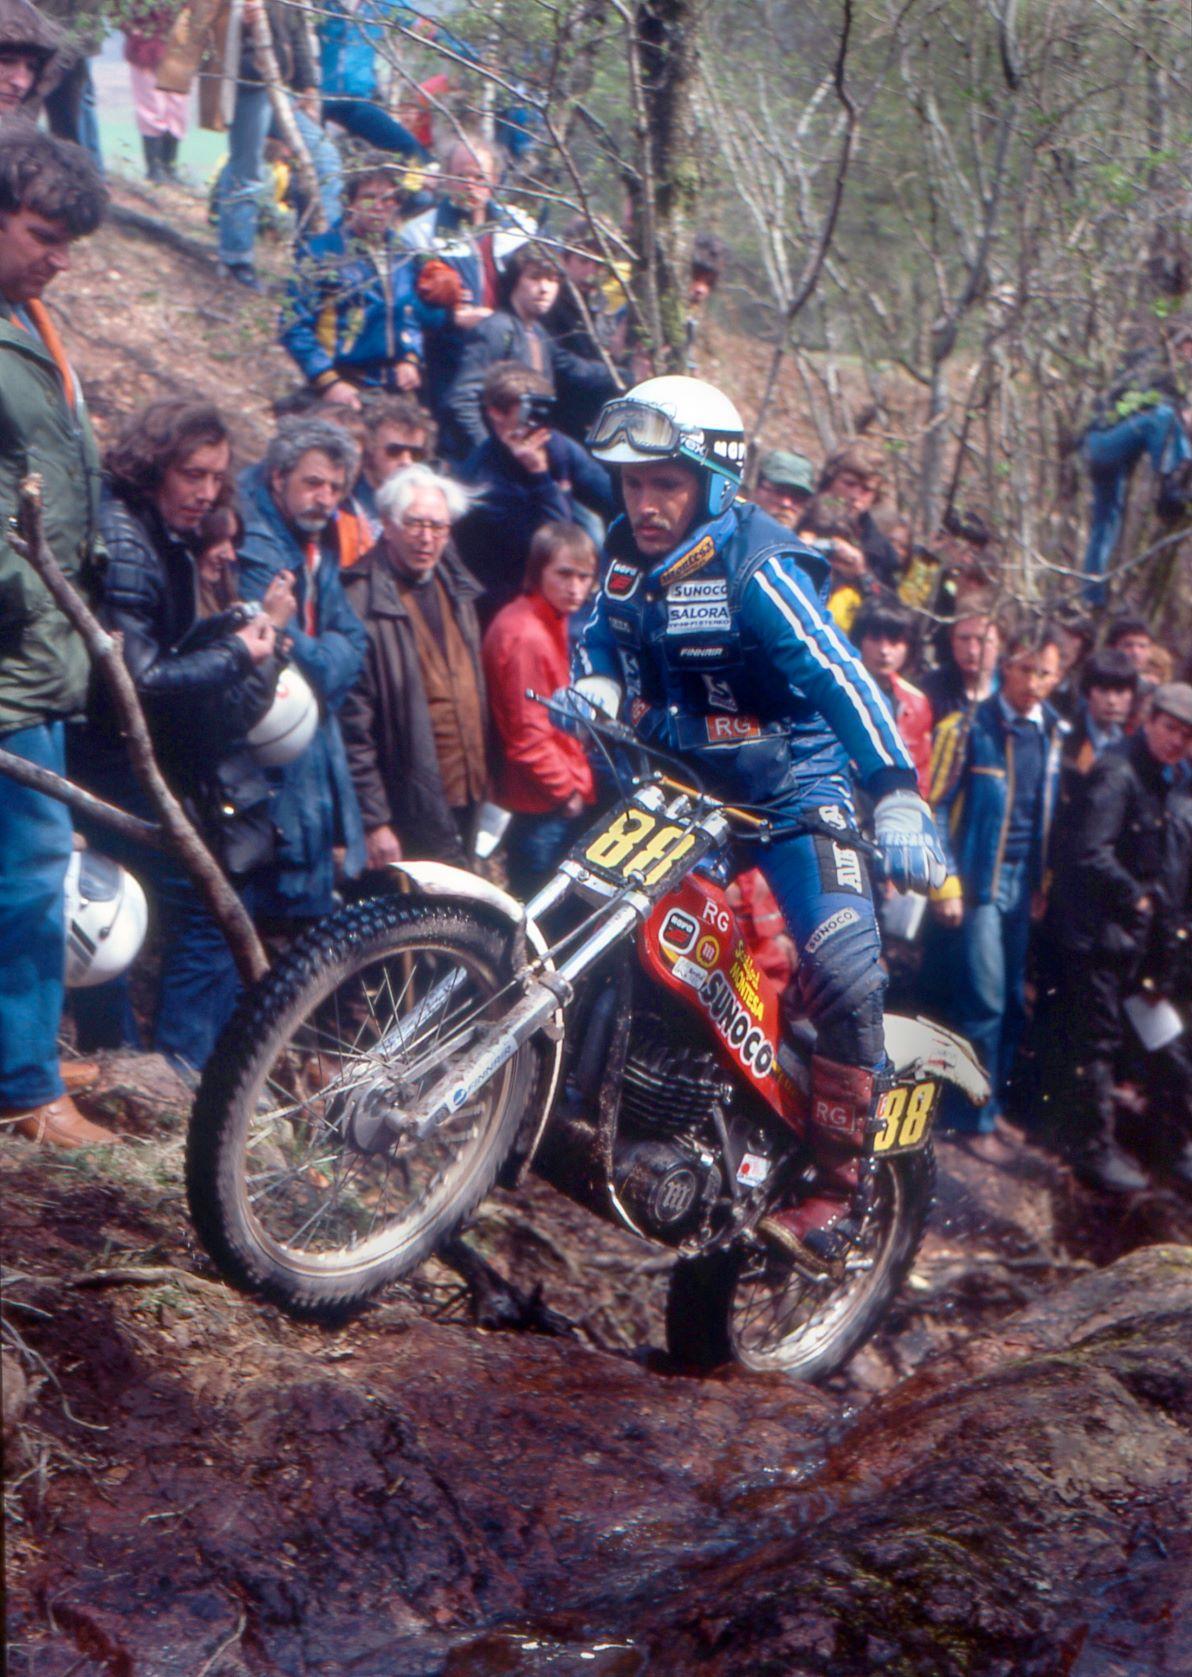 Yrjo Vesterinren'80 Muirshearlich2